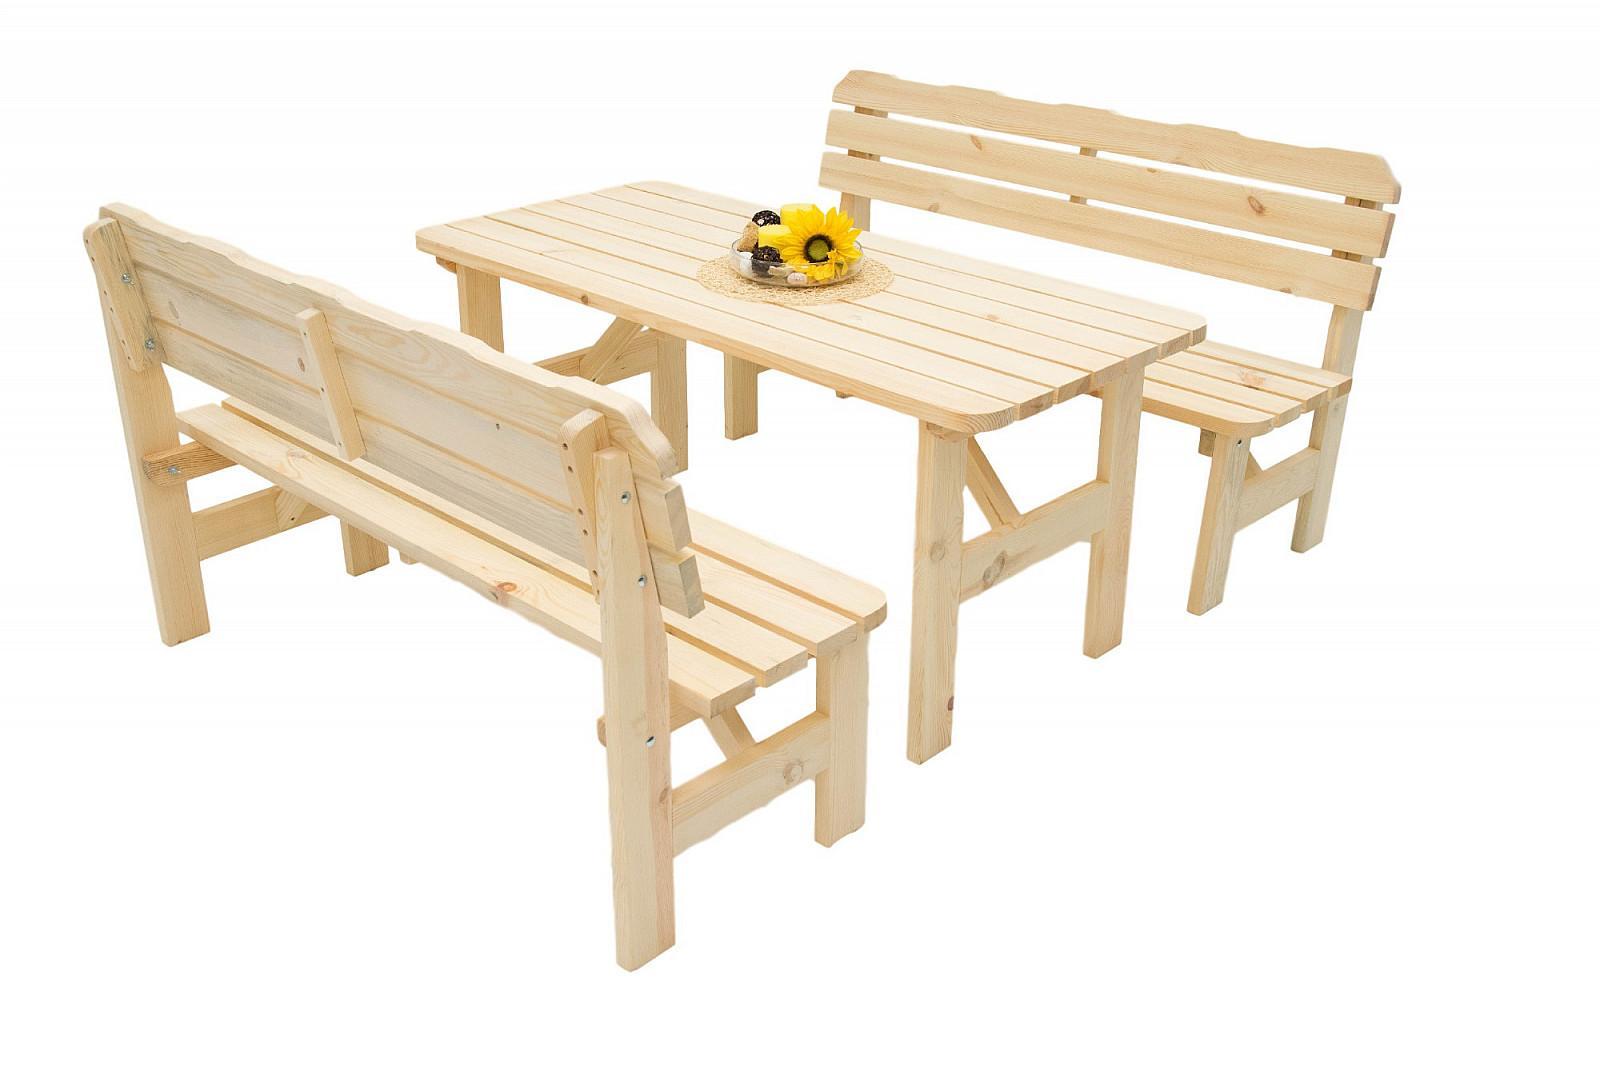 DEOKORK Masívna drevená záhradná zostava z borovice 1+2 drevo 32 mm (220 cm)